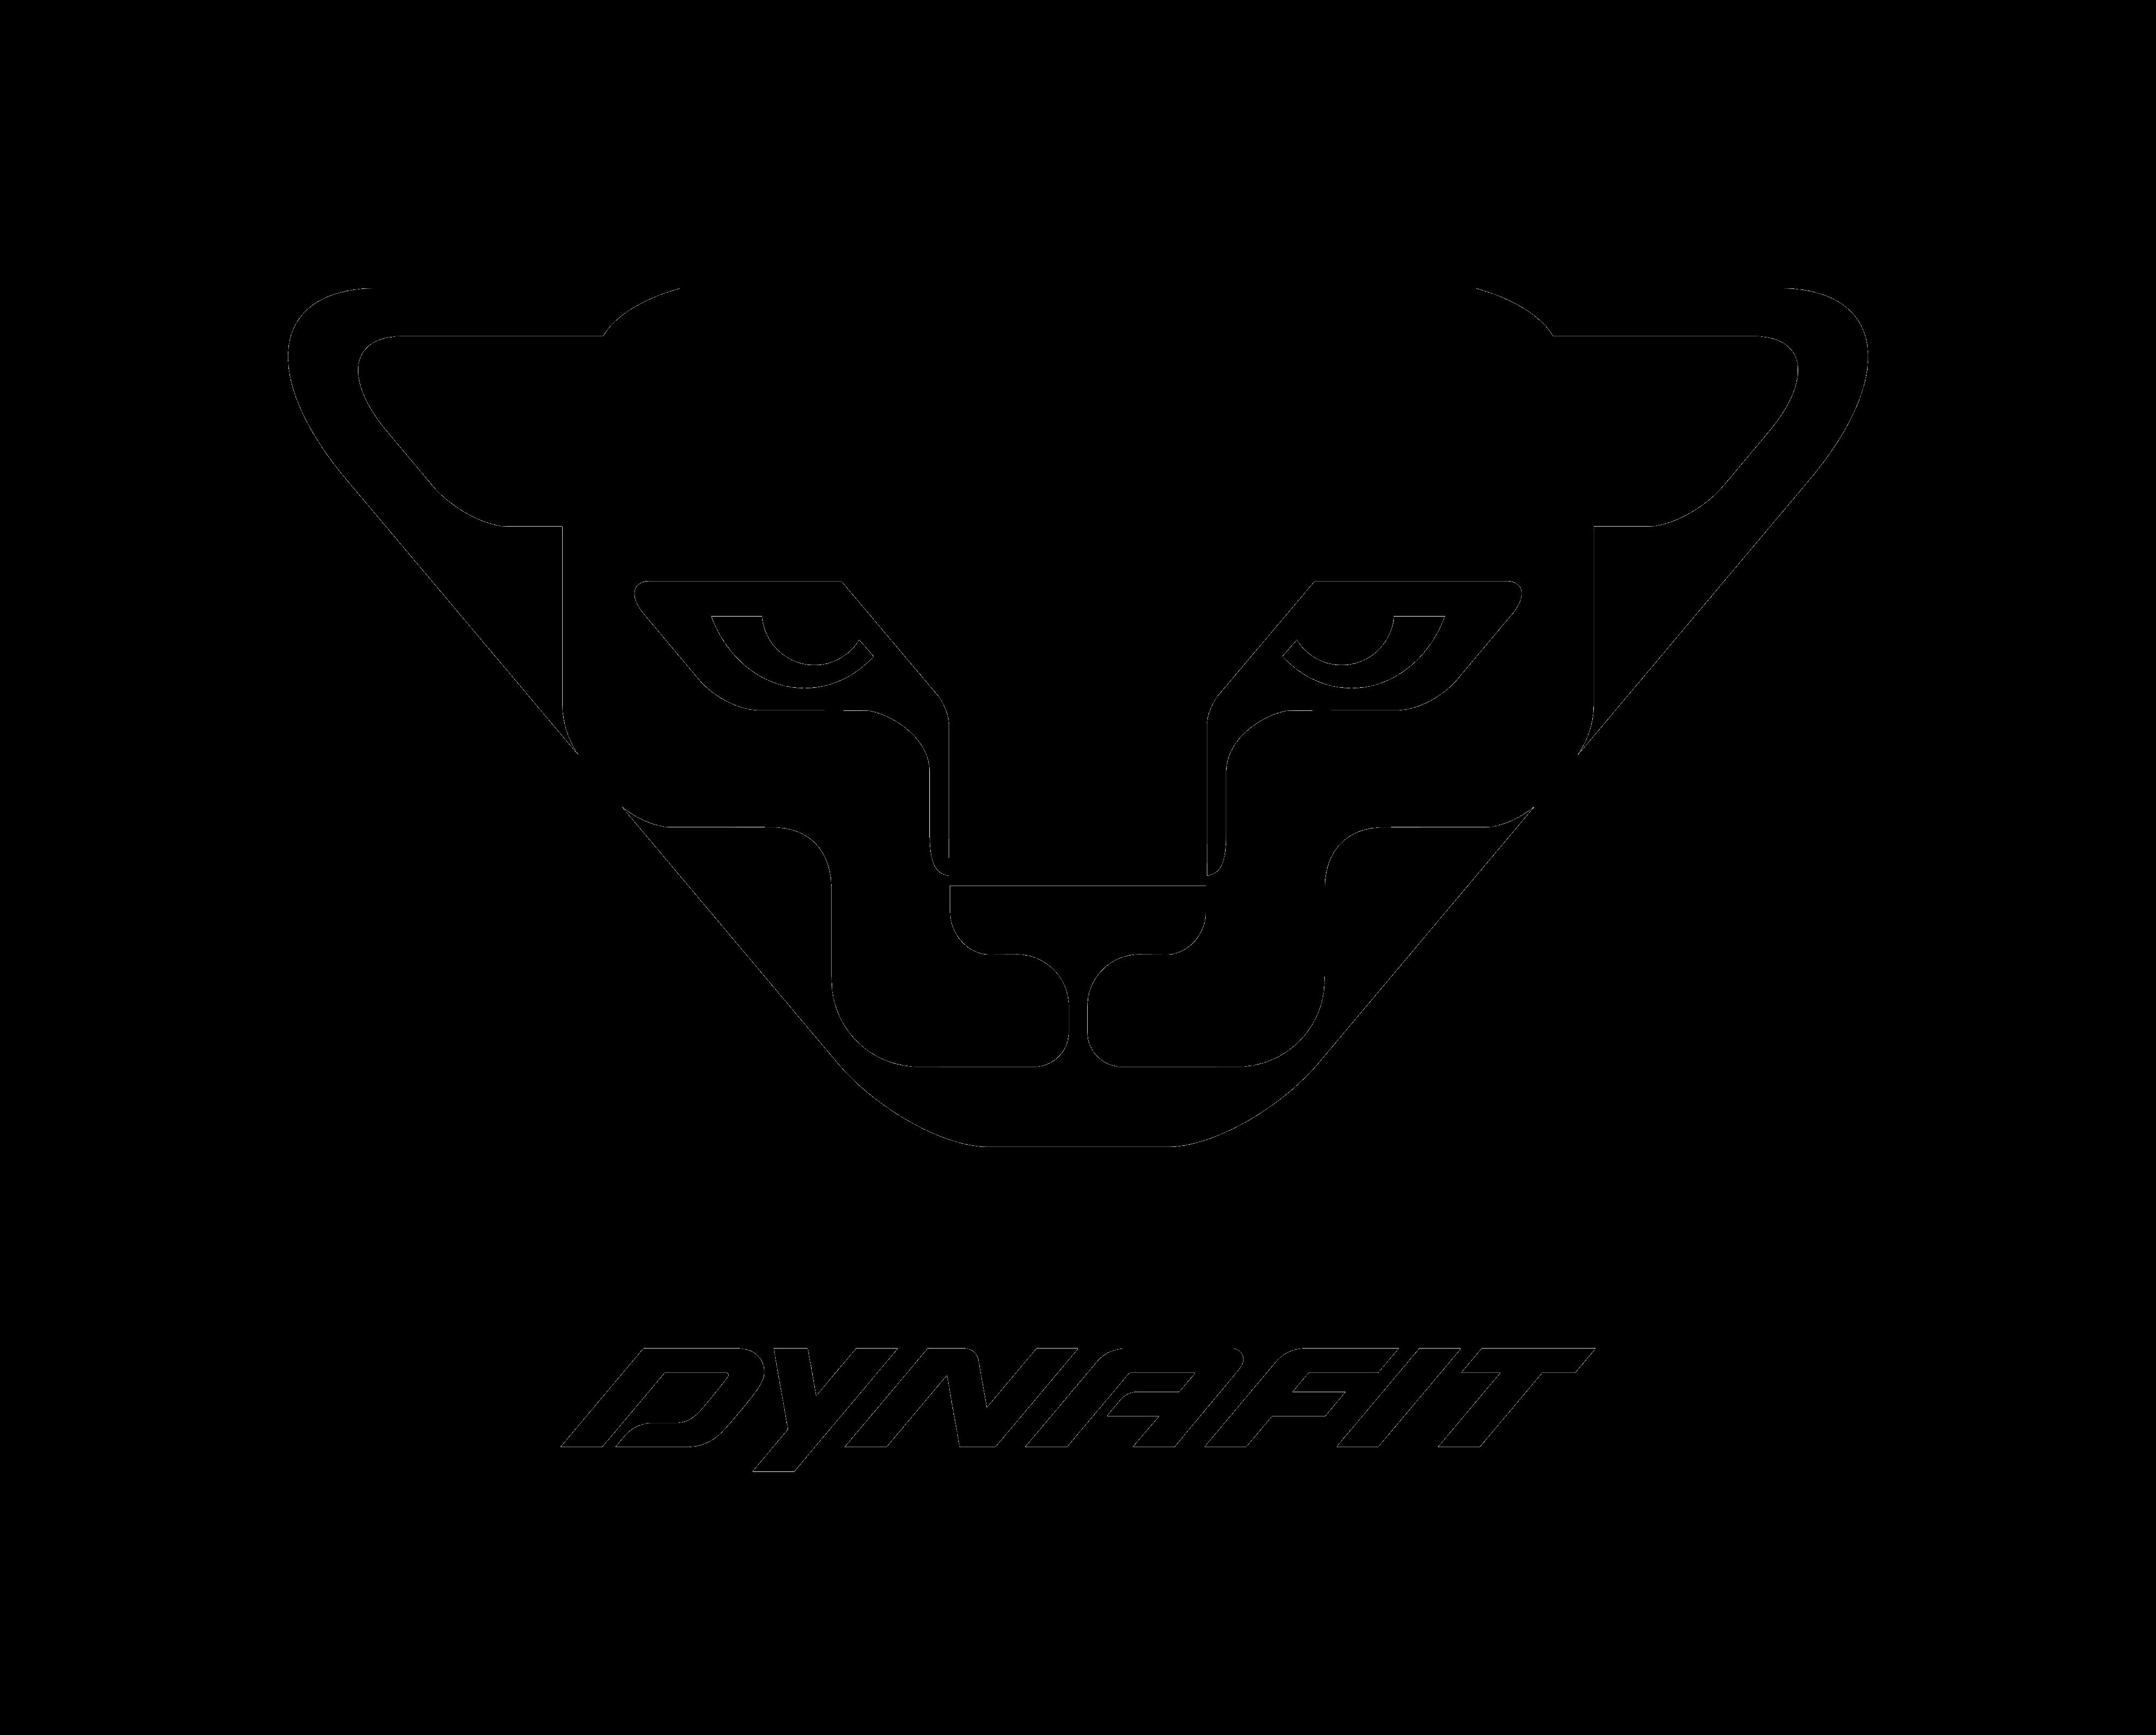 Dynafit-logo - transp